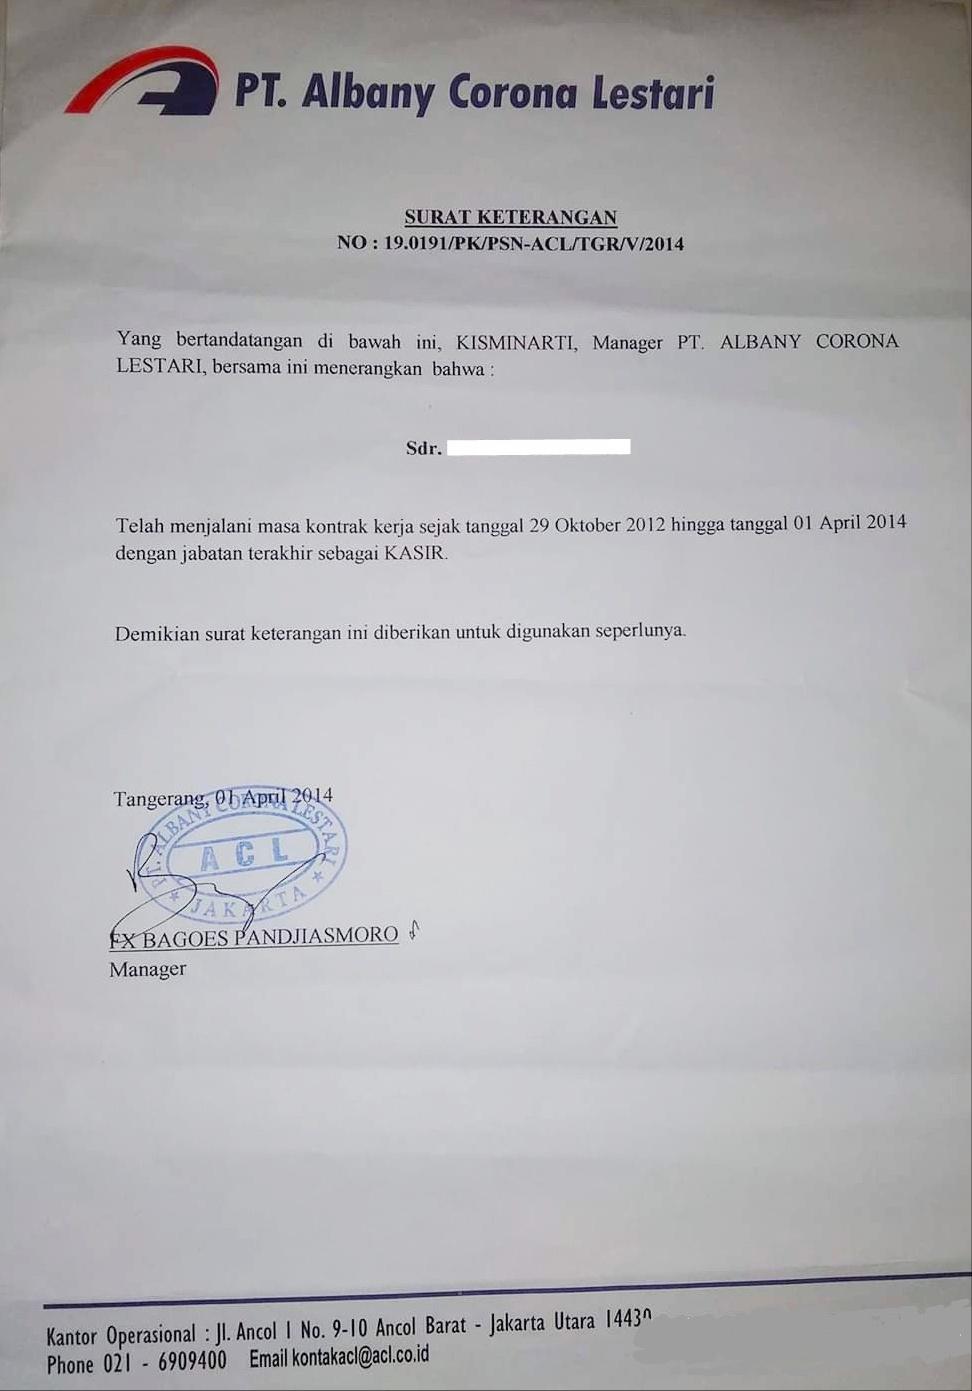 Contoh Surat Paklaring Indomaret Dari Pt Albany Corona Lestari Lowongankerjacareer Com